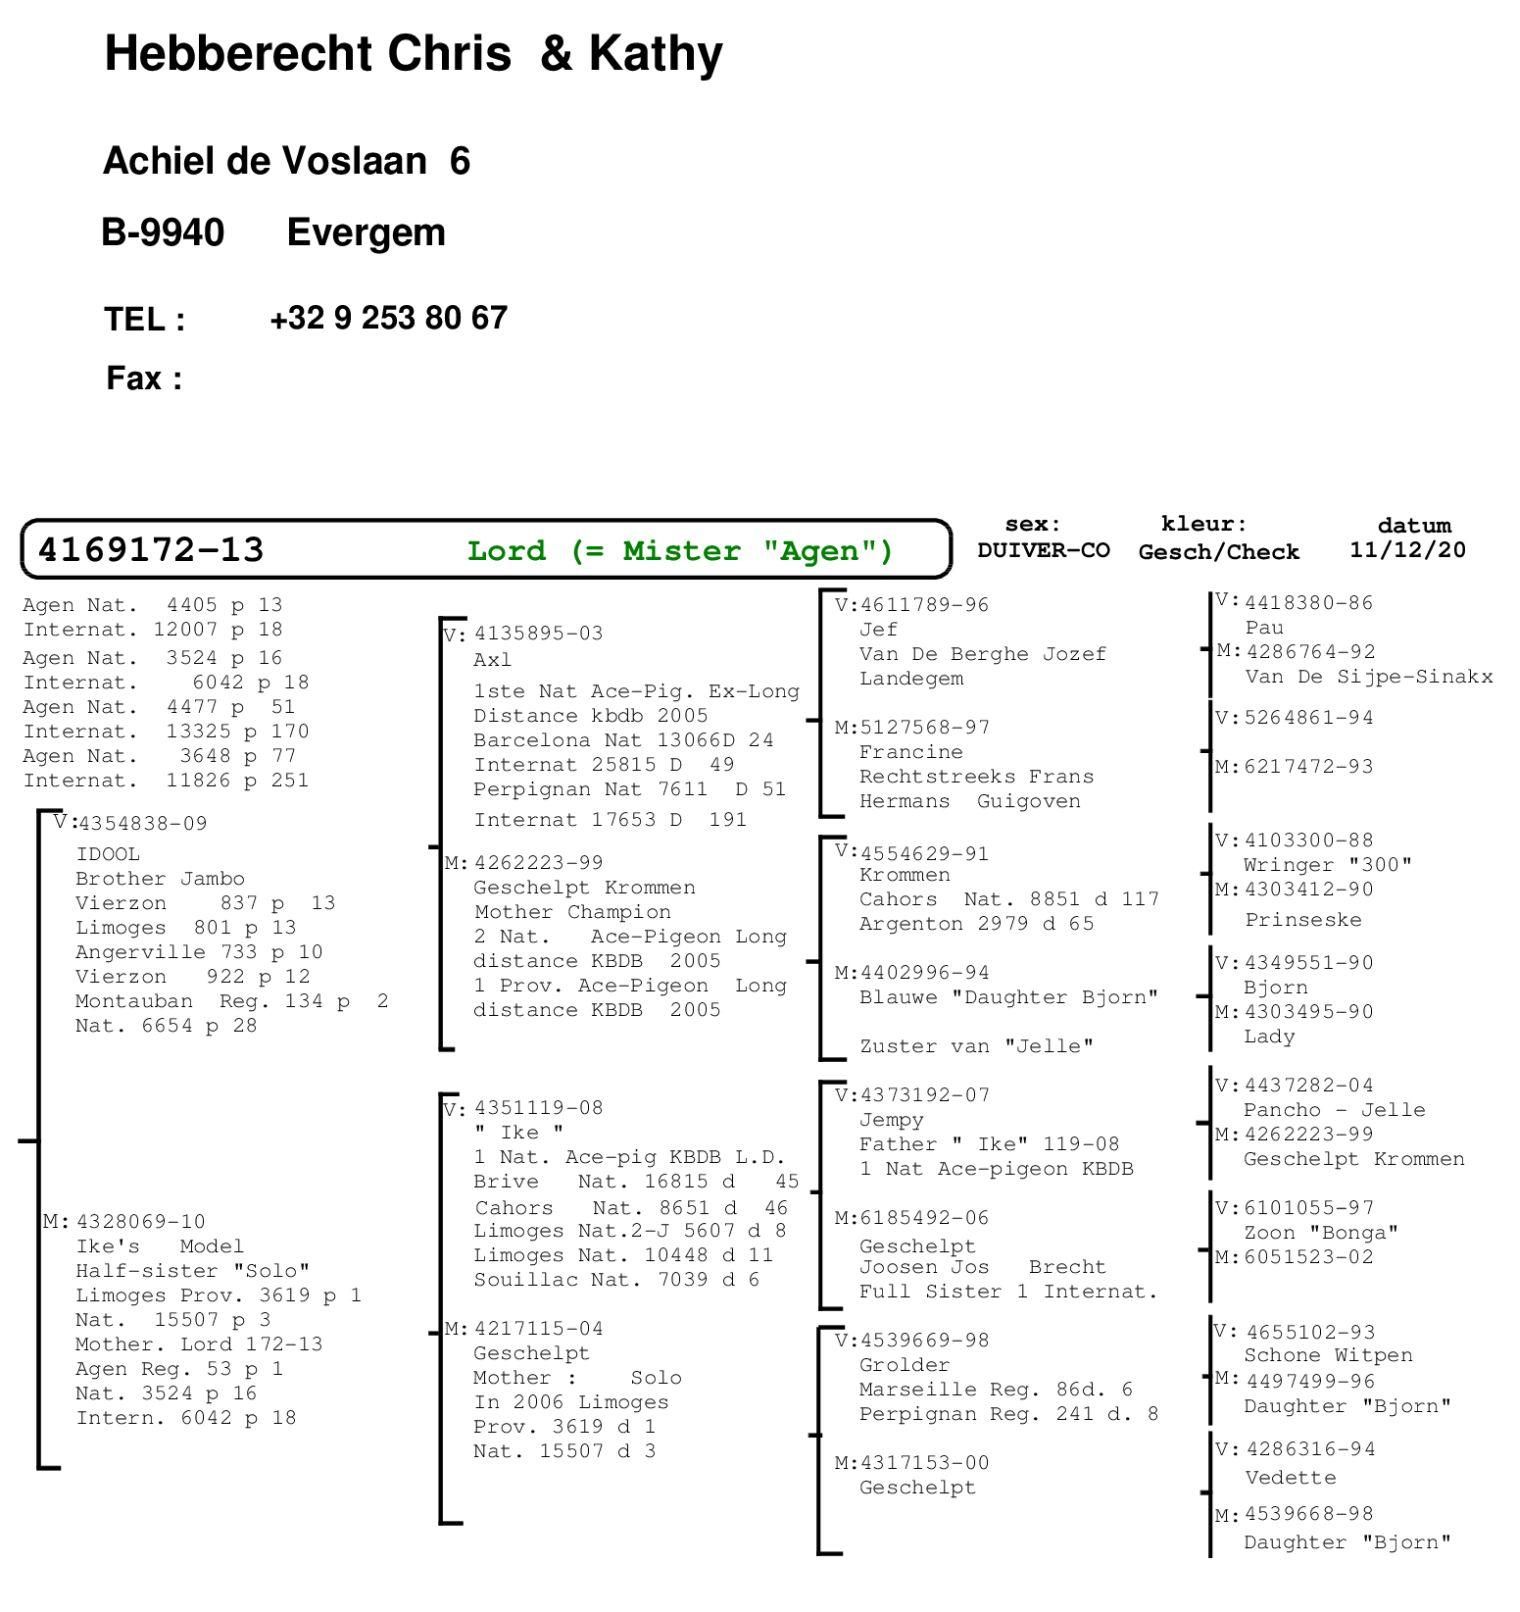 Pedigree van BE13-4169172